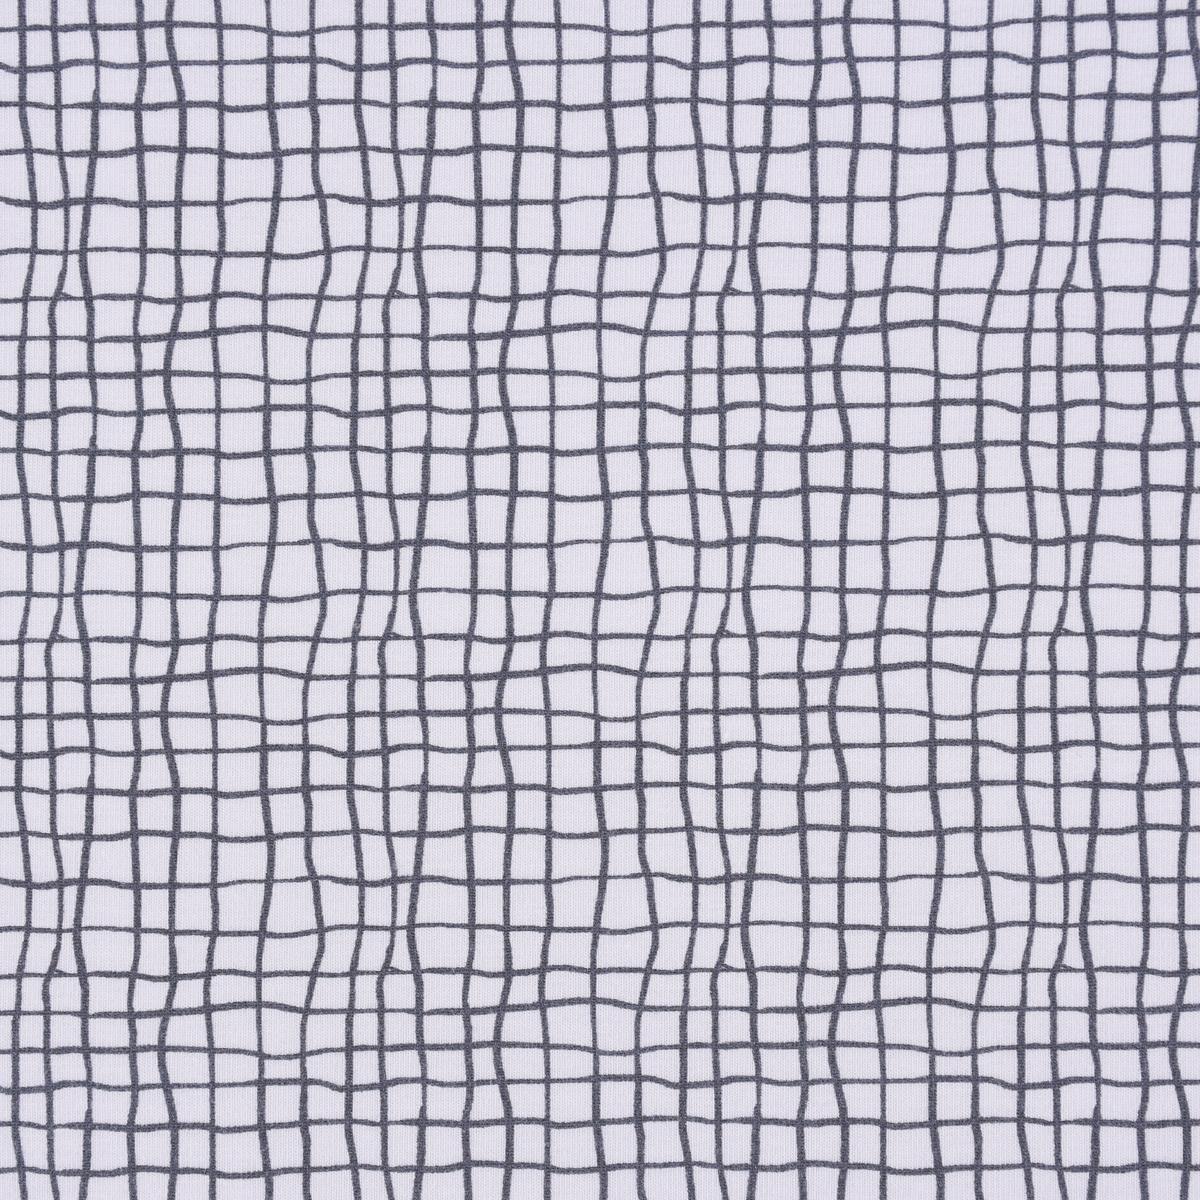 Lillestoff Bio Jersey Monstera Grid Karo Gitternetz weiß anthrazit 1,5m Breite